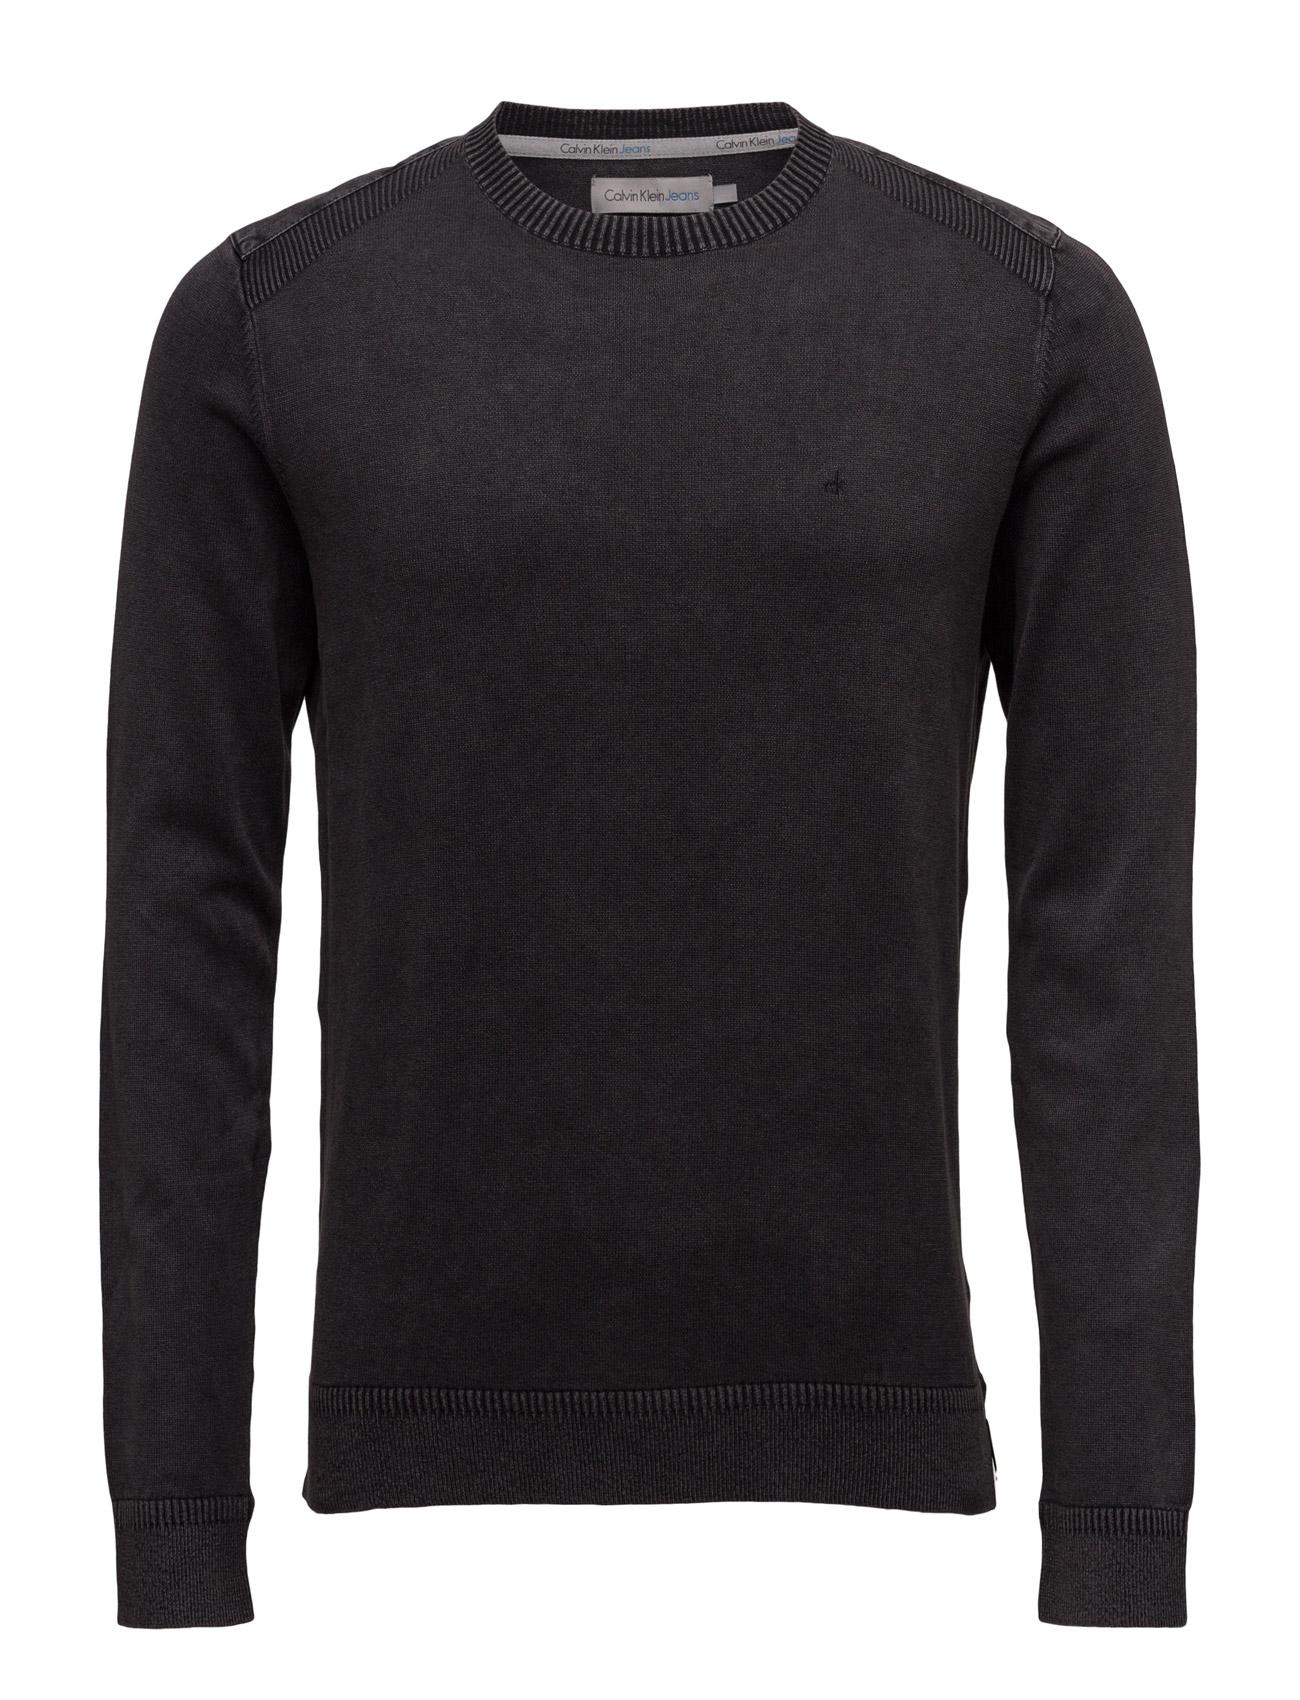 Sunds Mix Media Cn Calvin Klein Jeans Sweat pants til Mænd i